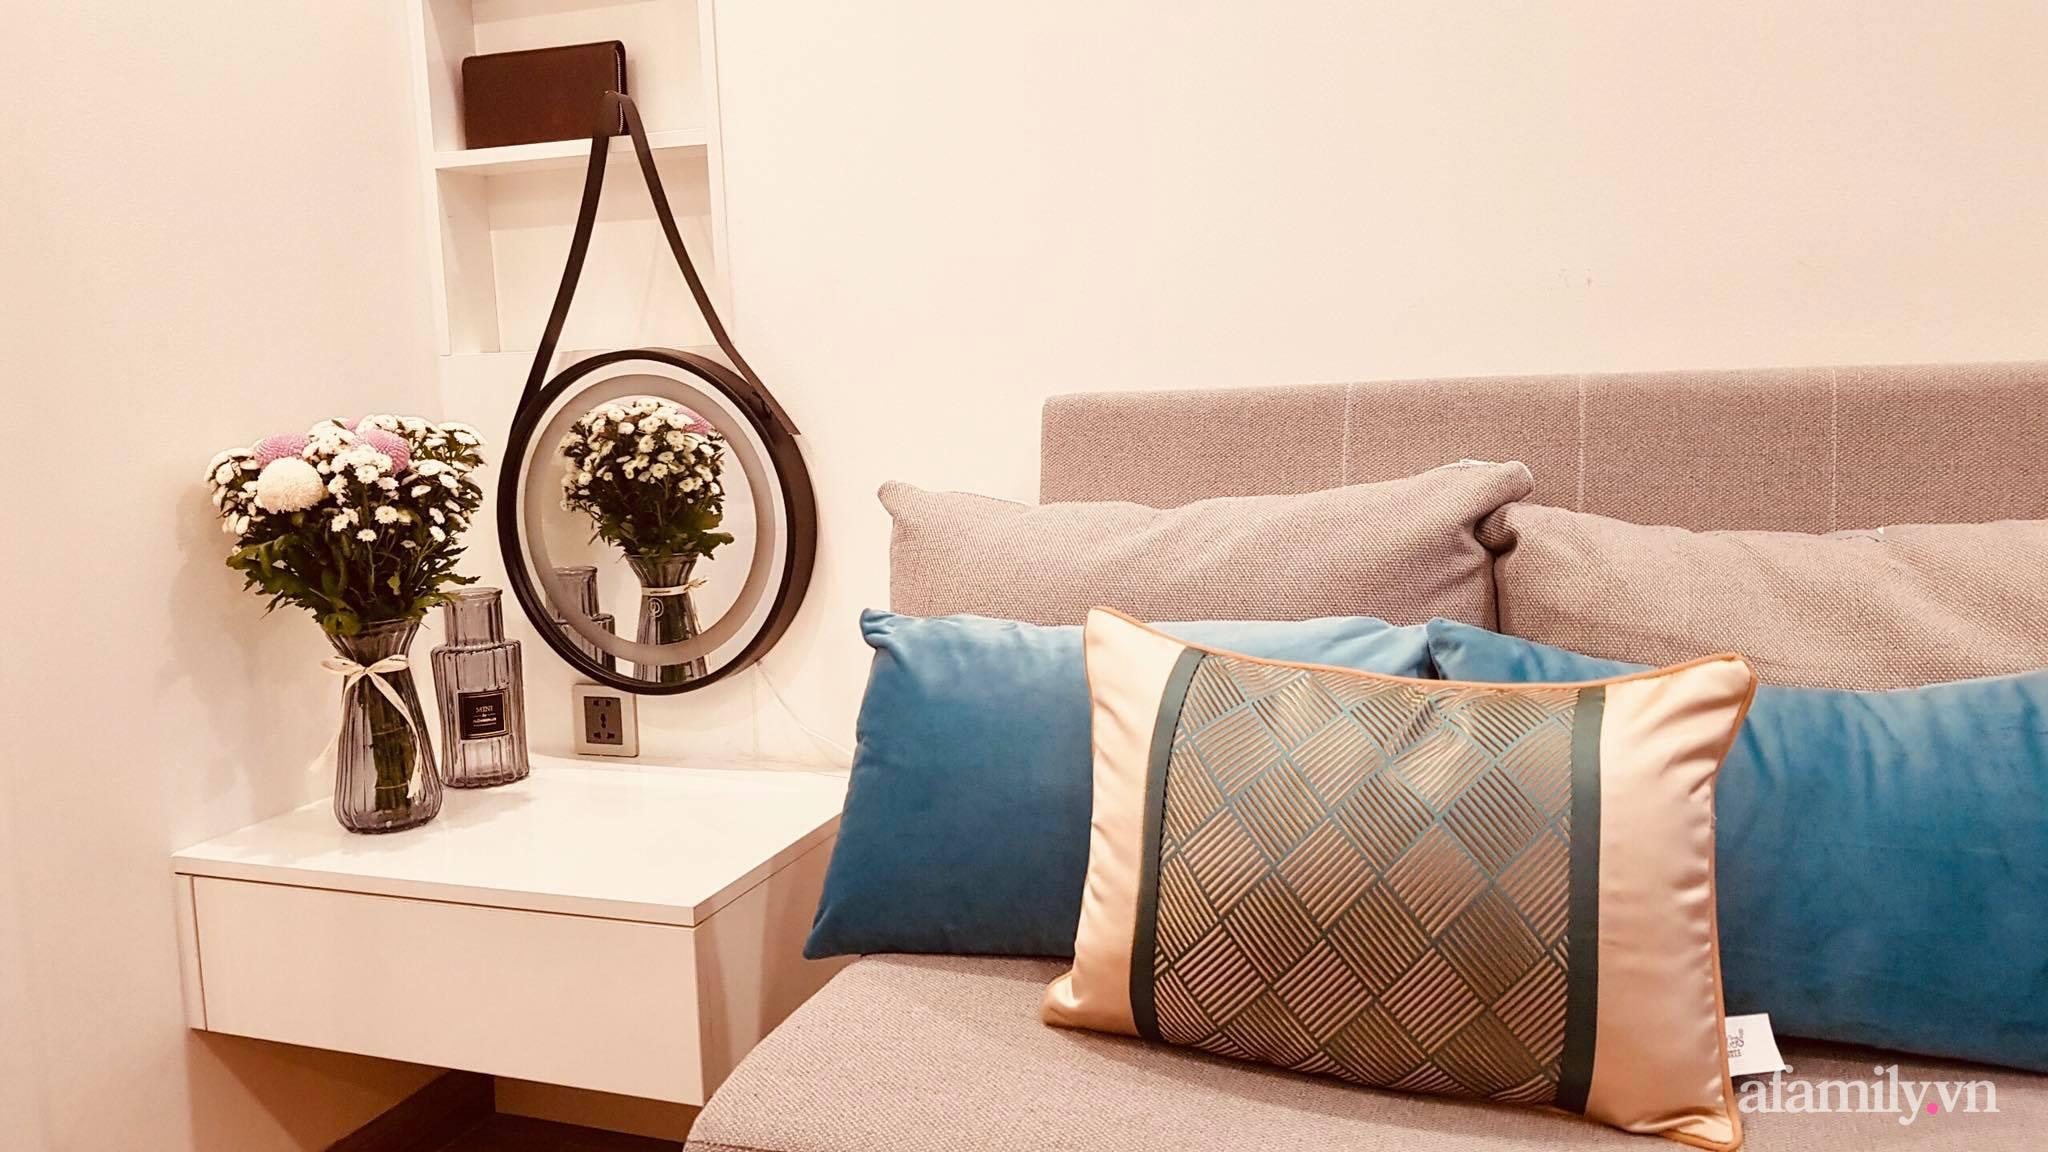 Căn hộ 28m² đẹp từng centimet với cách lựa chọn nội thất thông minh, hiện đại có chi phí hoàn thiện 100 triệu đồng ở Hà Nội - Ảnh 13.